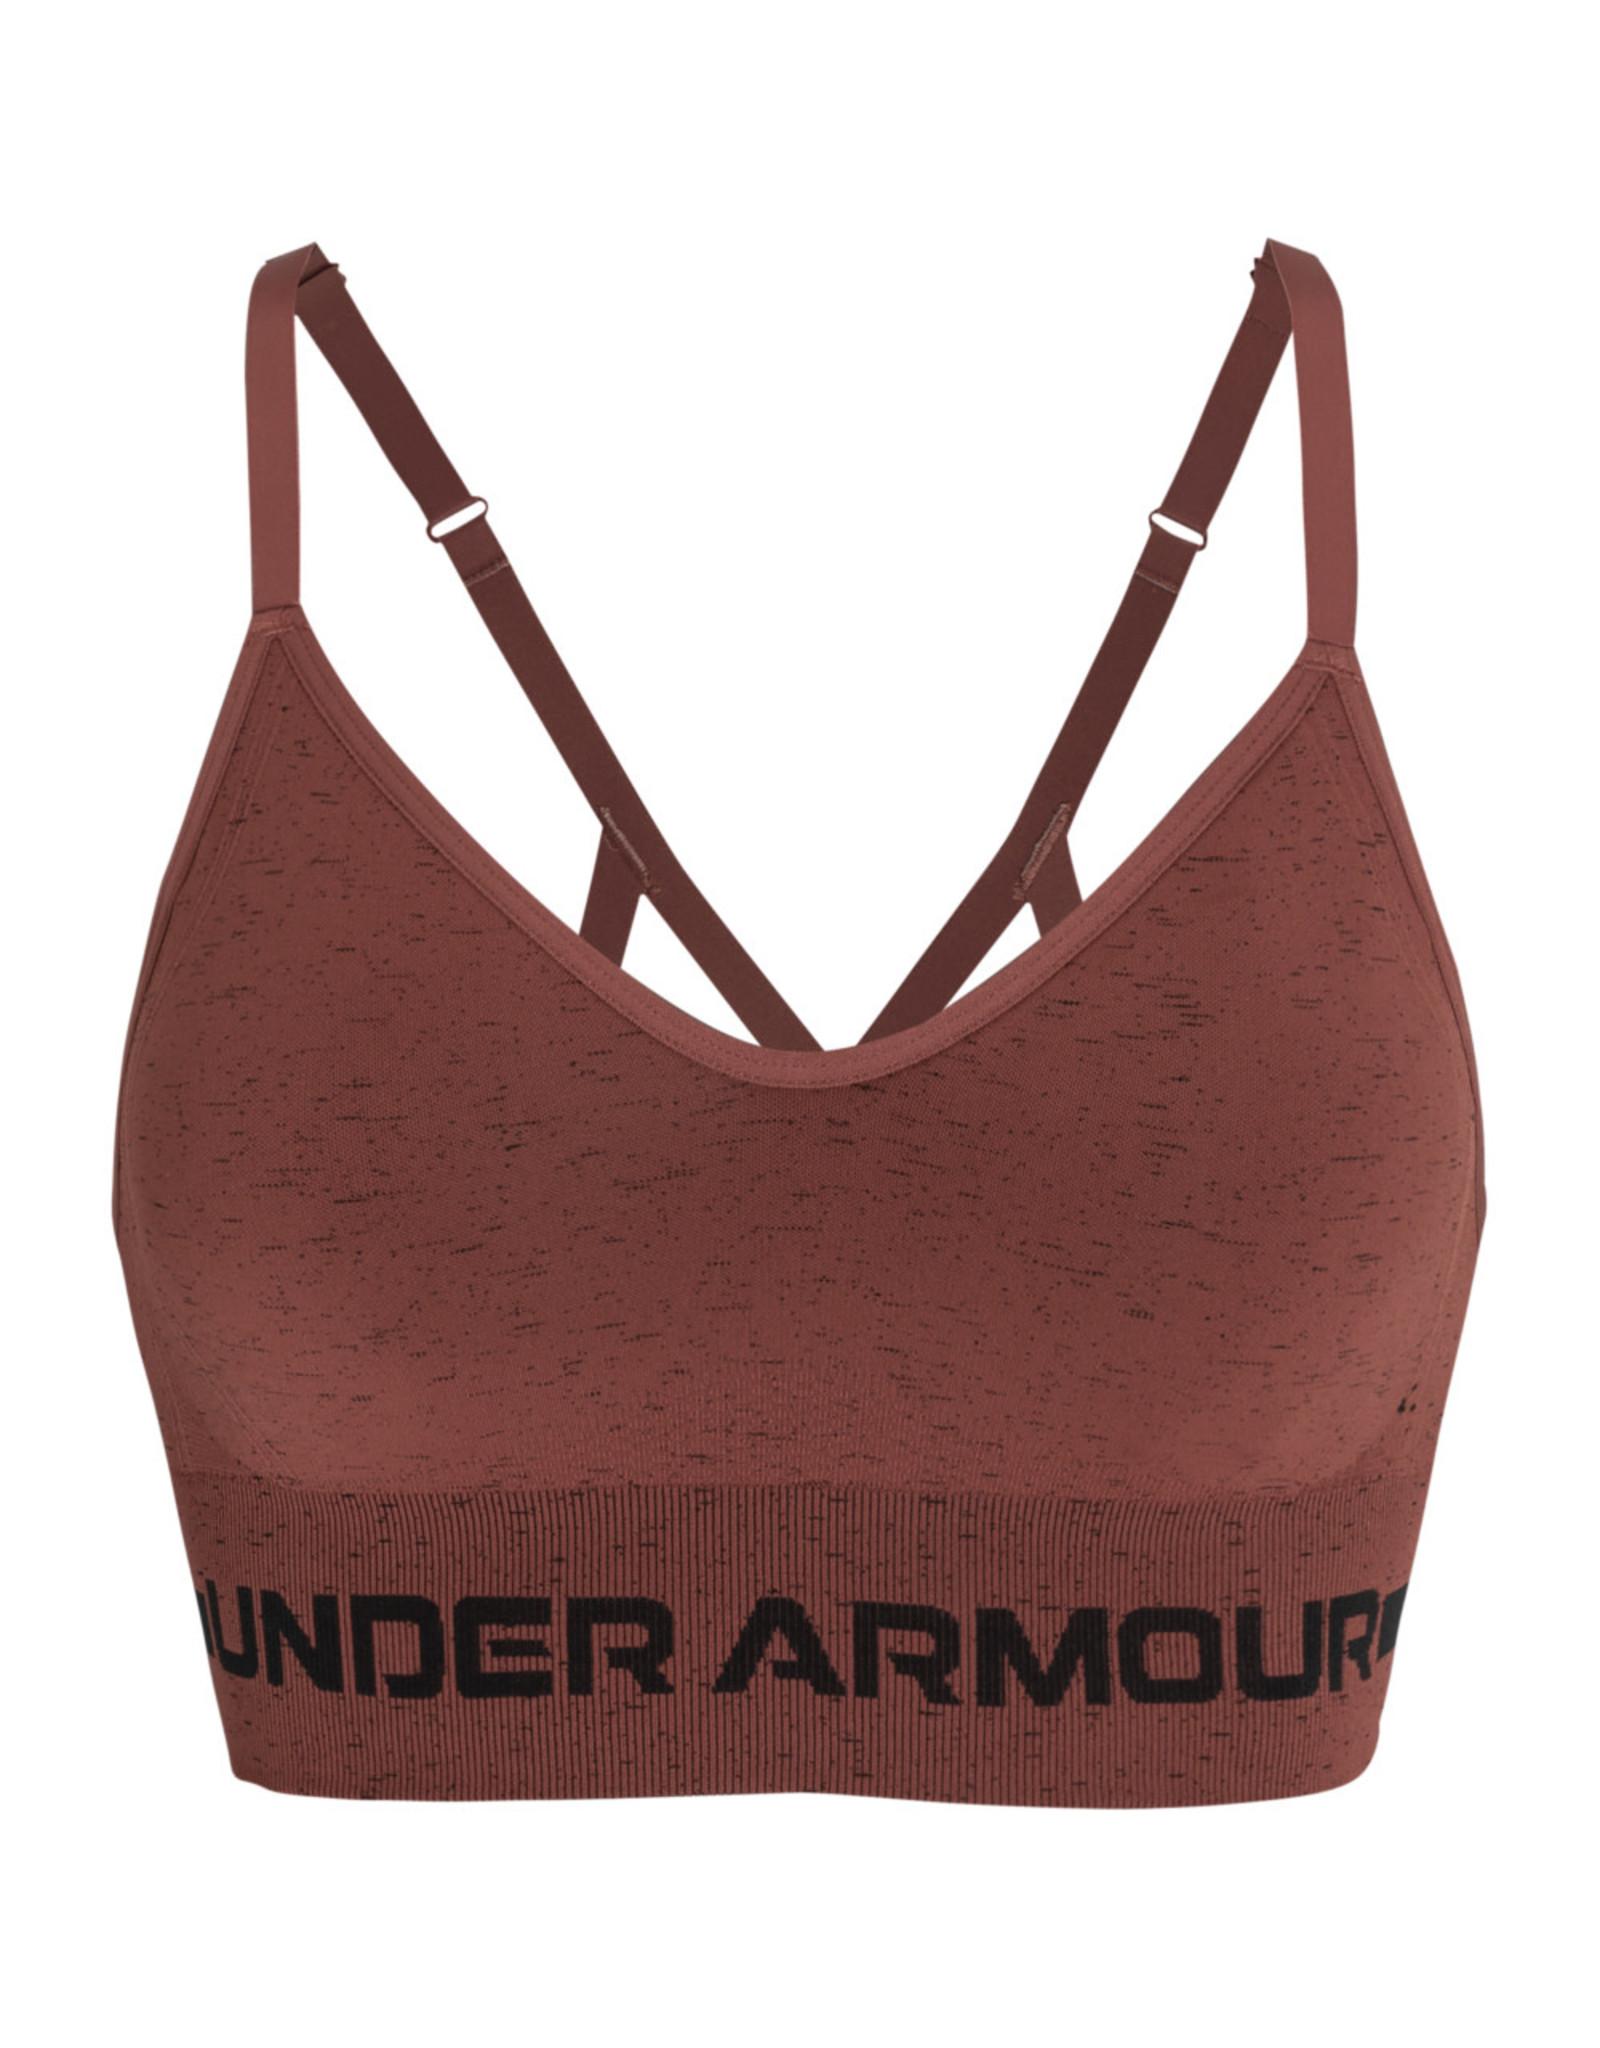 Under Armour UA Seamless Low Long Htr Bra - Cinna Red--Black